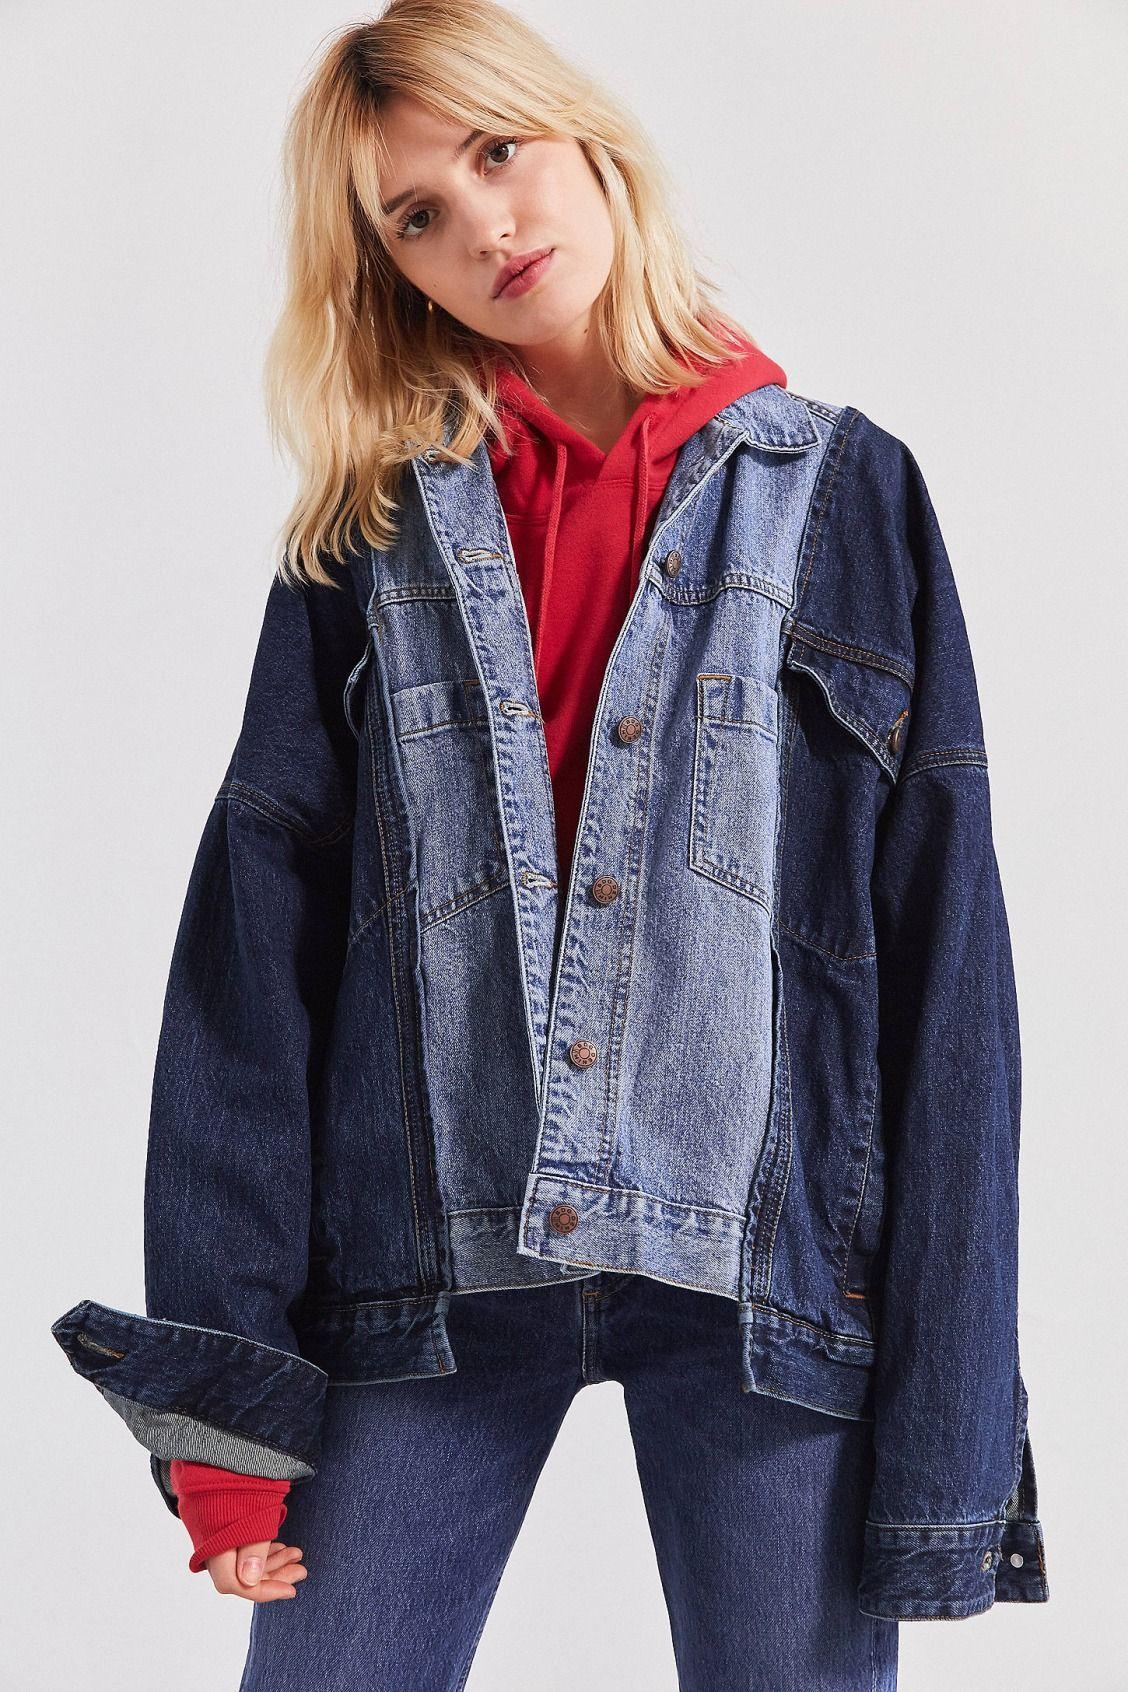 Bdg Half And Half Denim Trucker Jacket Oversized Denim Jacket Denim Jacket Jean Jacket Outfits [ 1692 x 1128 Pixel ]